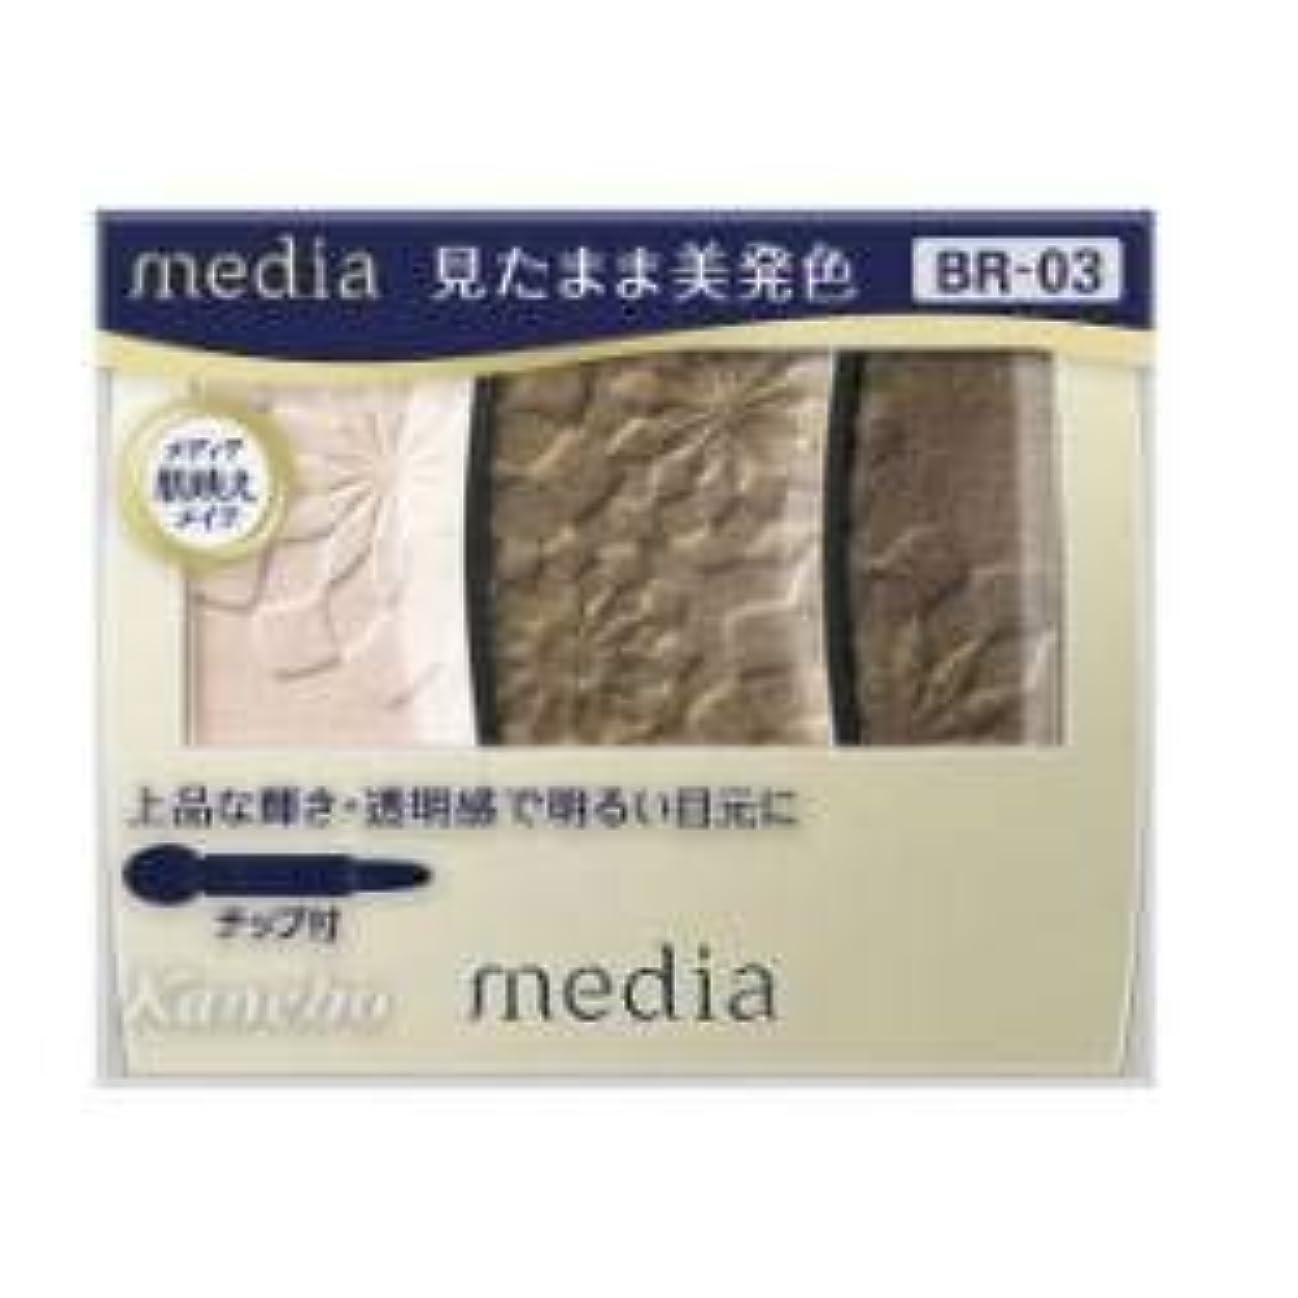 メトロポリタン一般的なのために【カネボウ】 メディア グラデカラーアイシャドウ BR-03